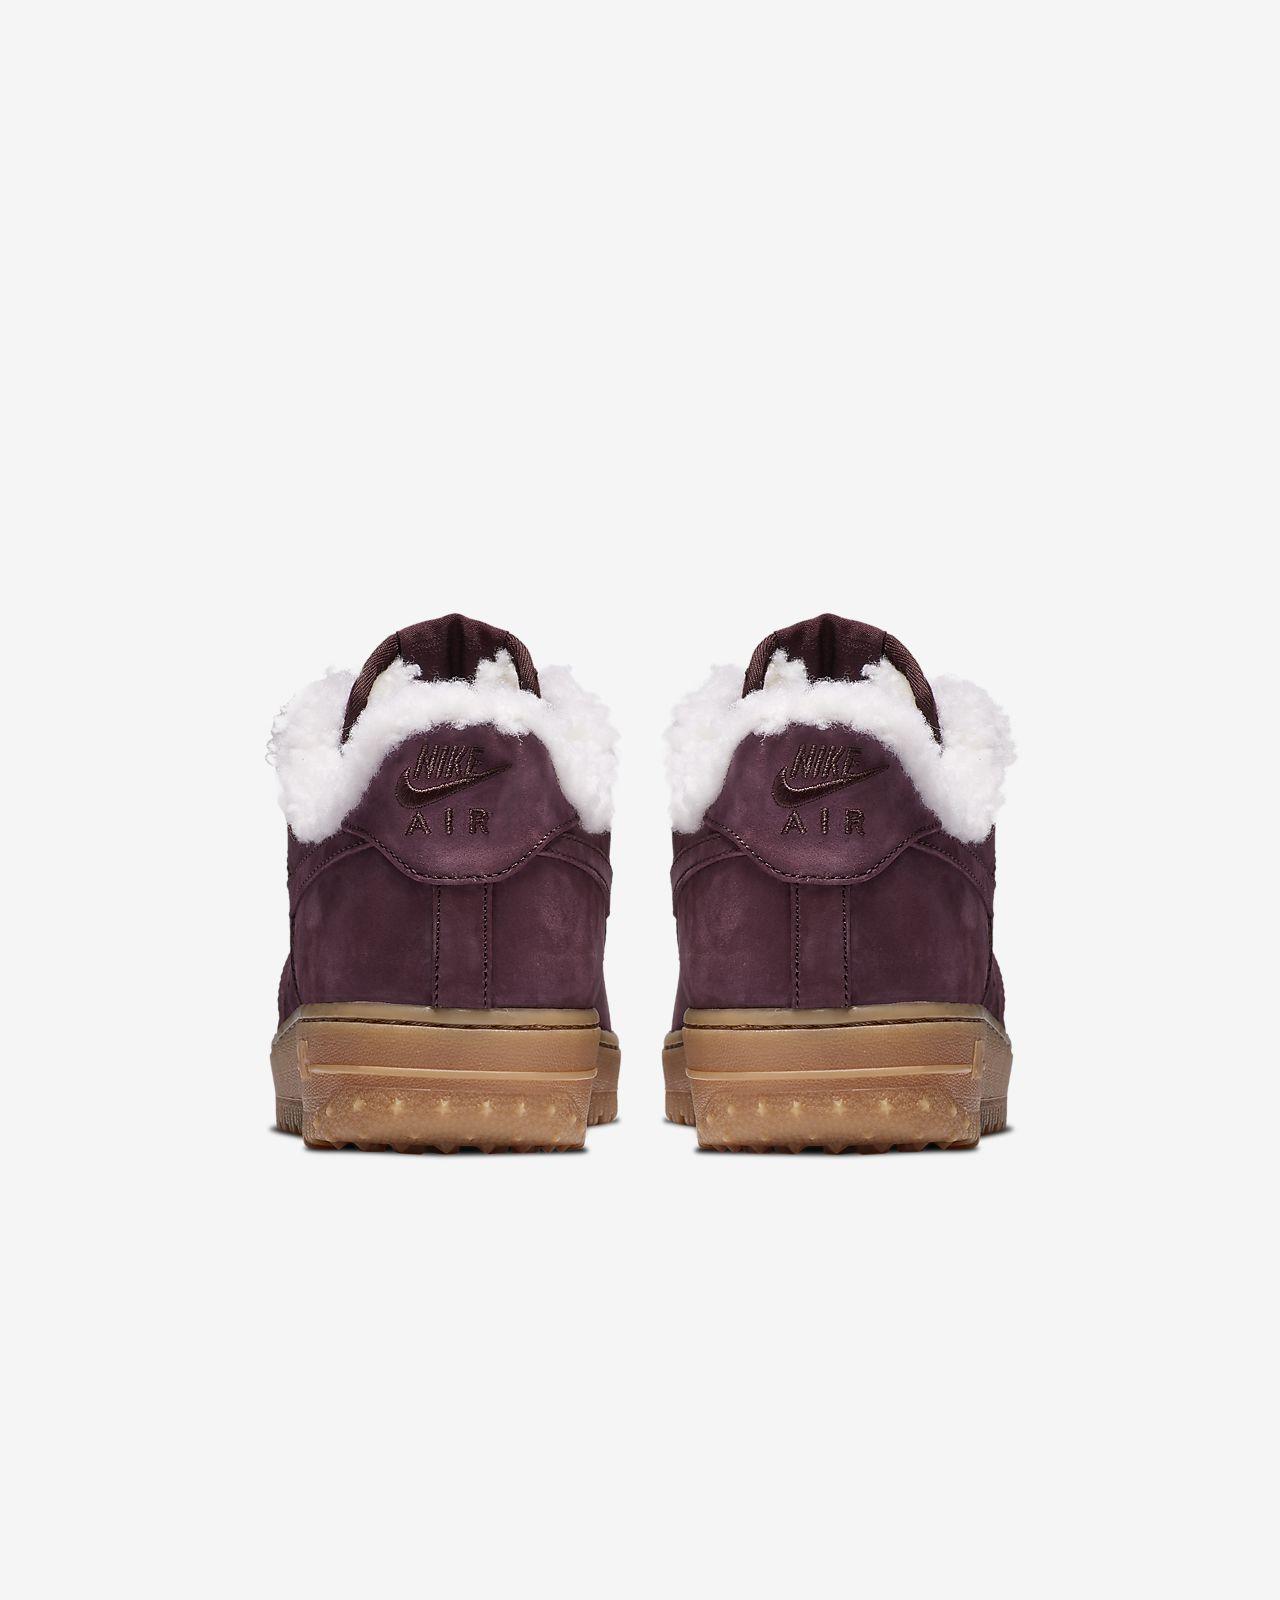 78b380eea4a Calzado para hombre Nike Air Force 1 Premium Winter. Nike.com MX